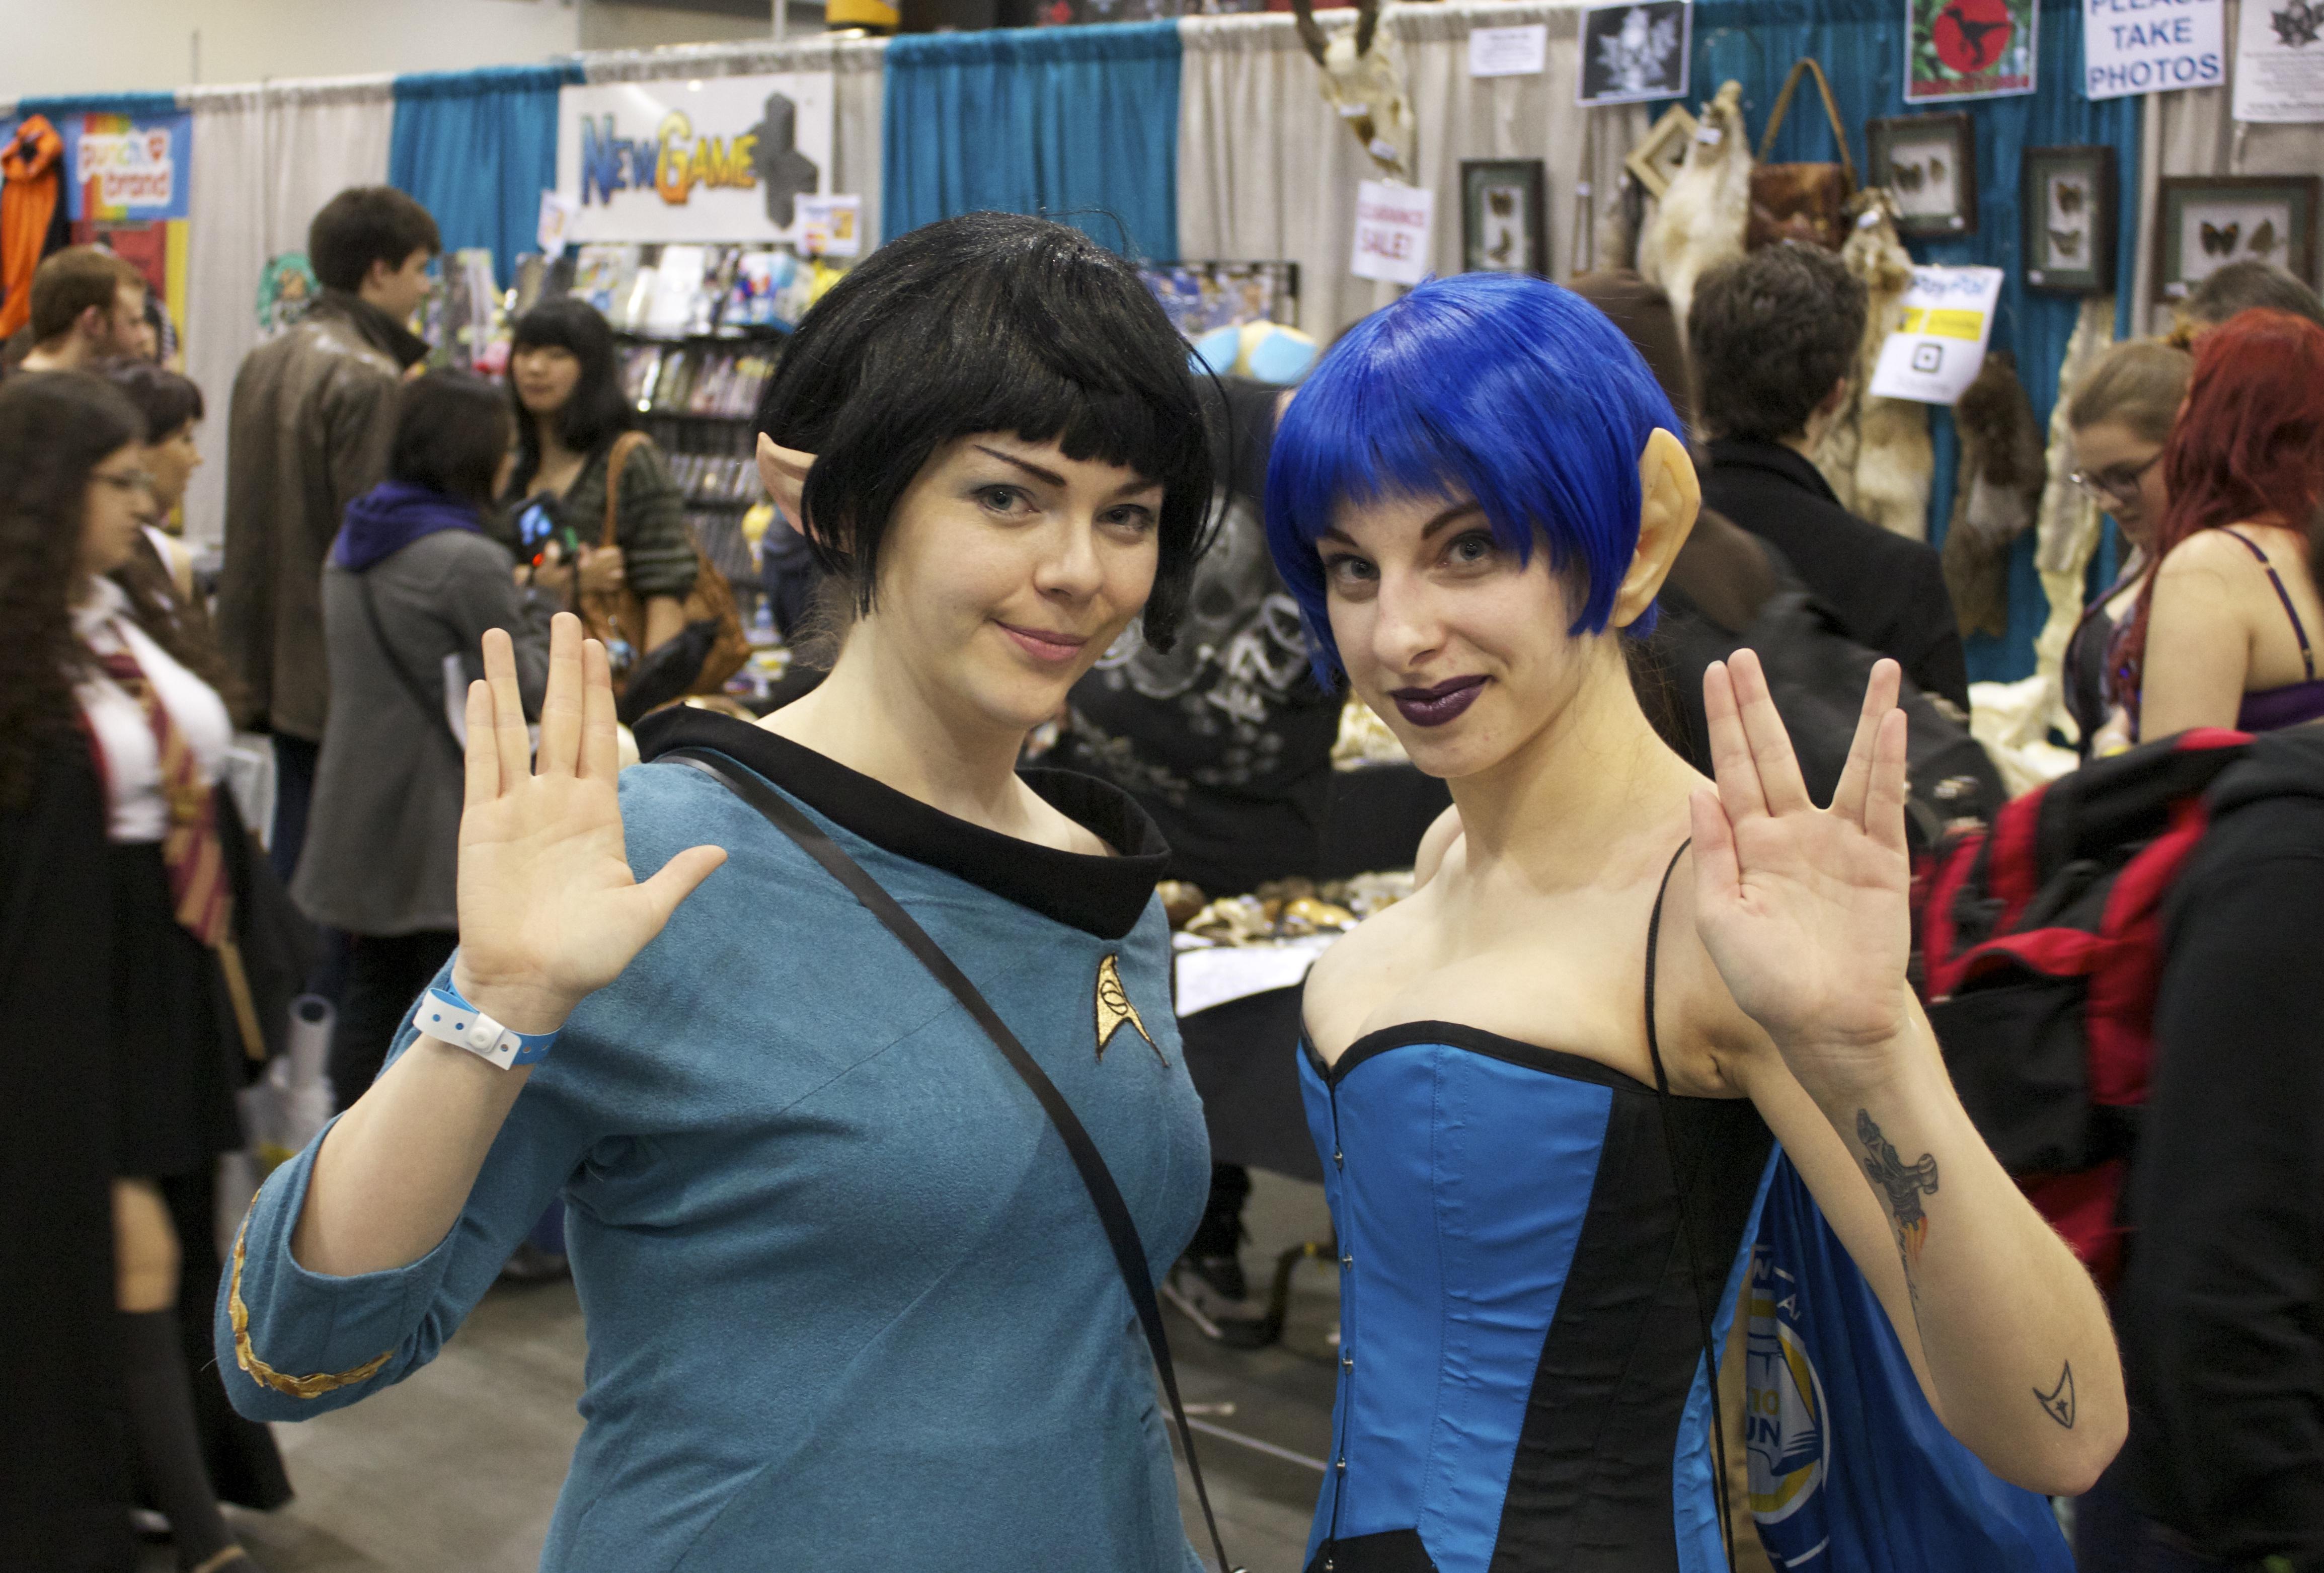 two Vulcan women cosplay